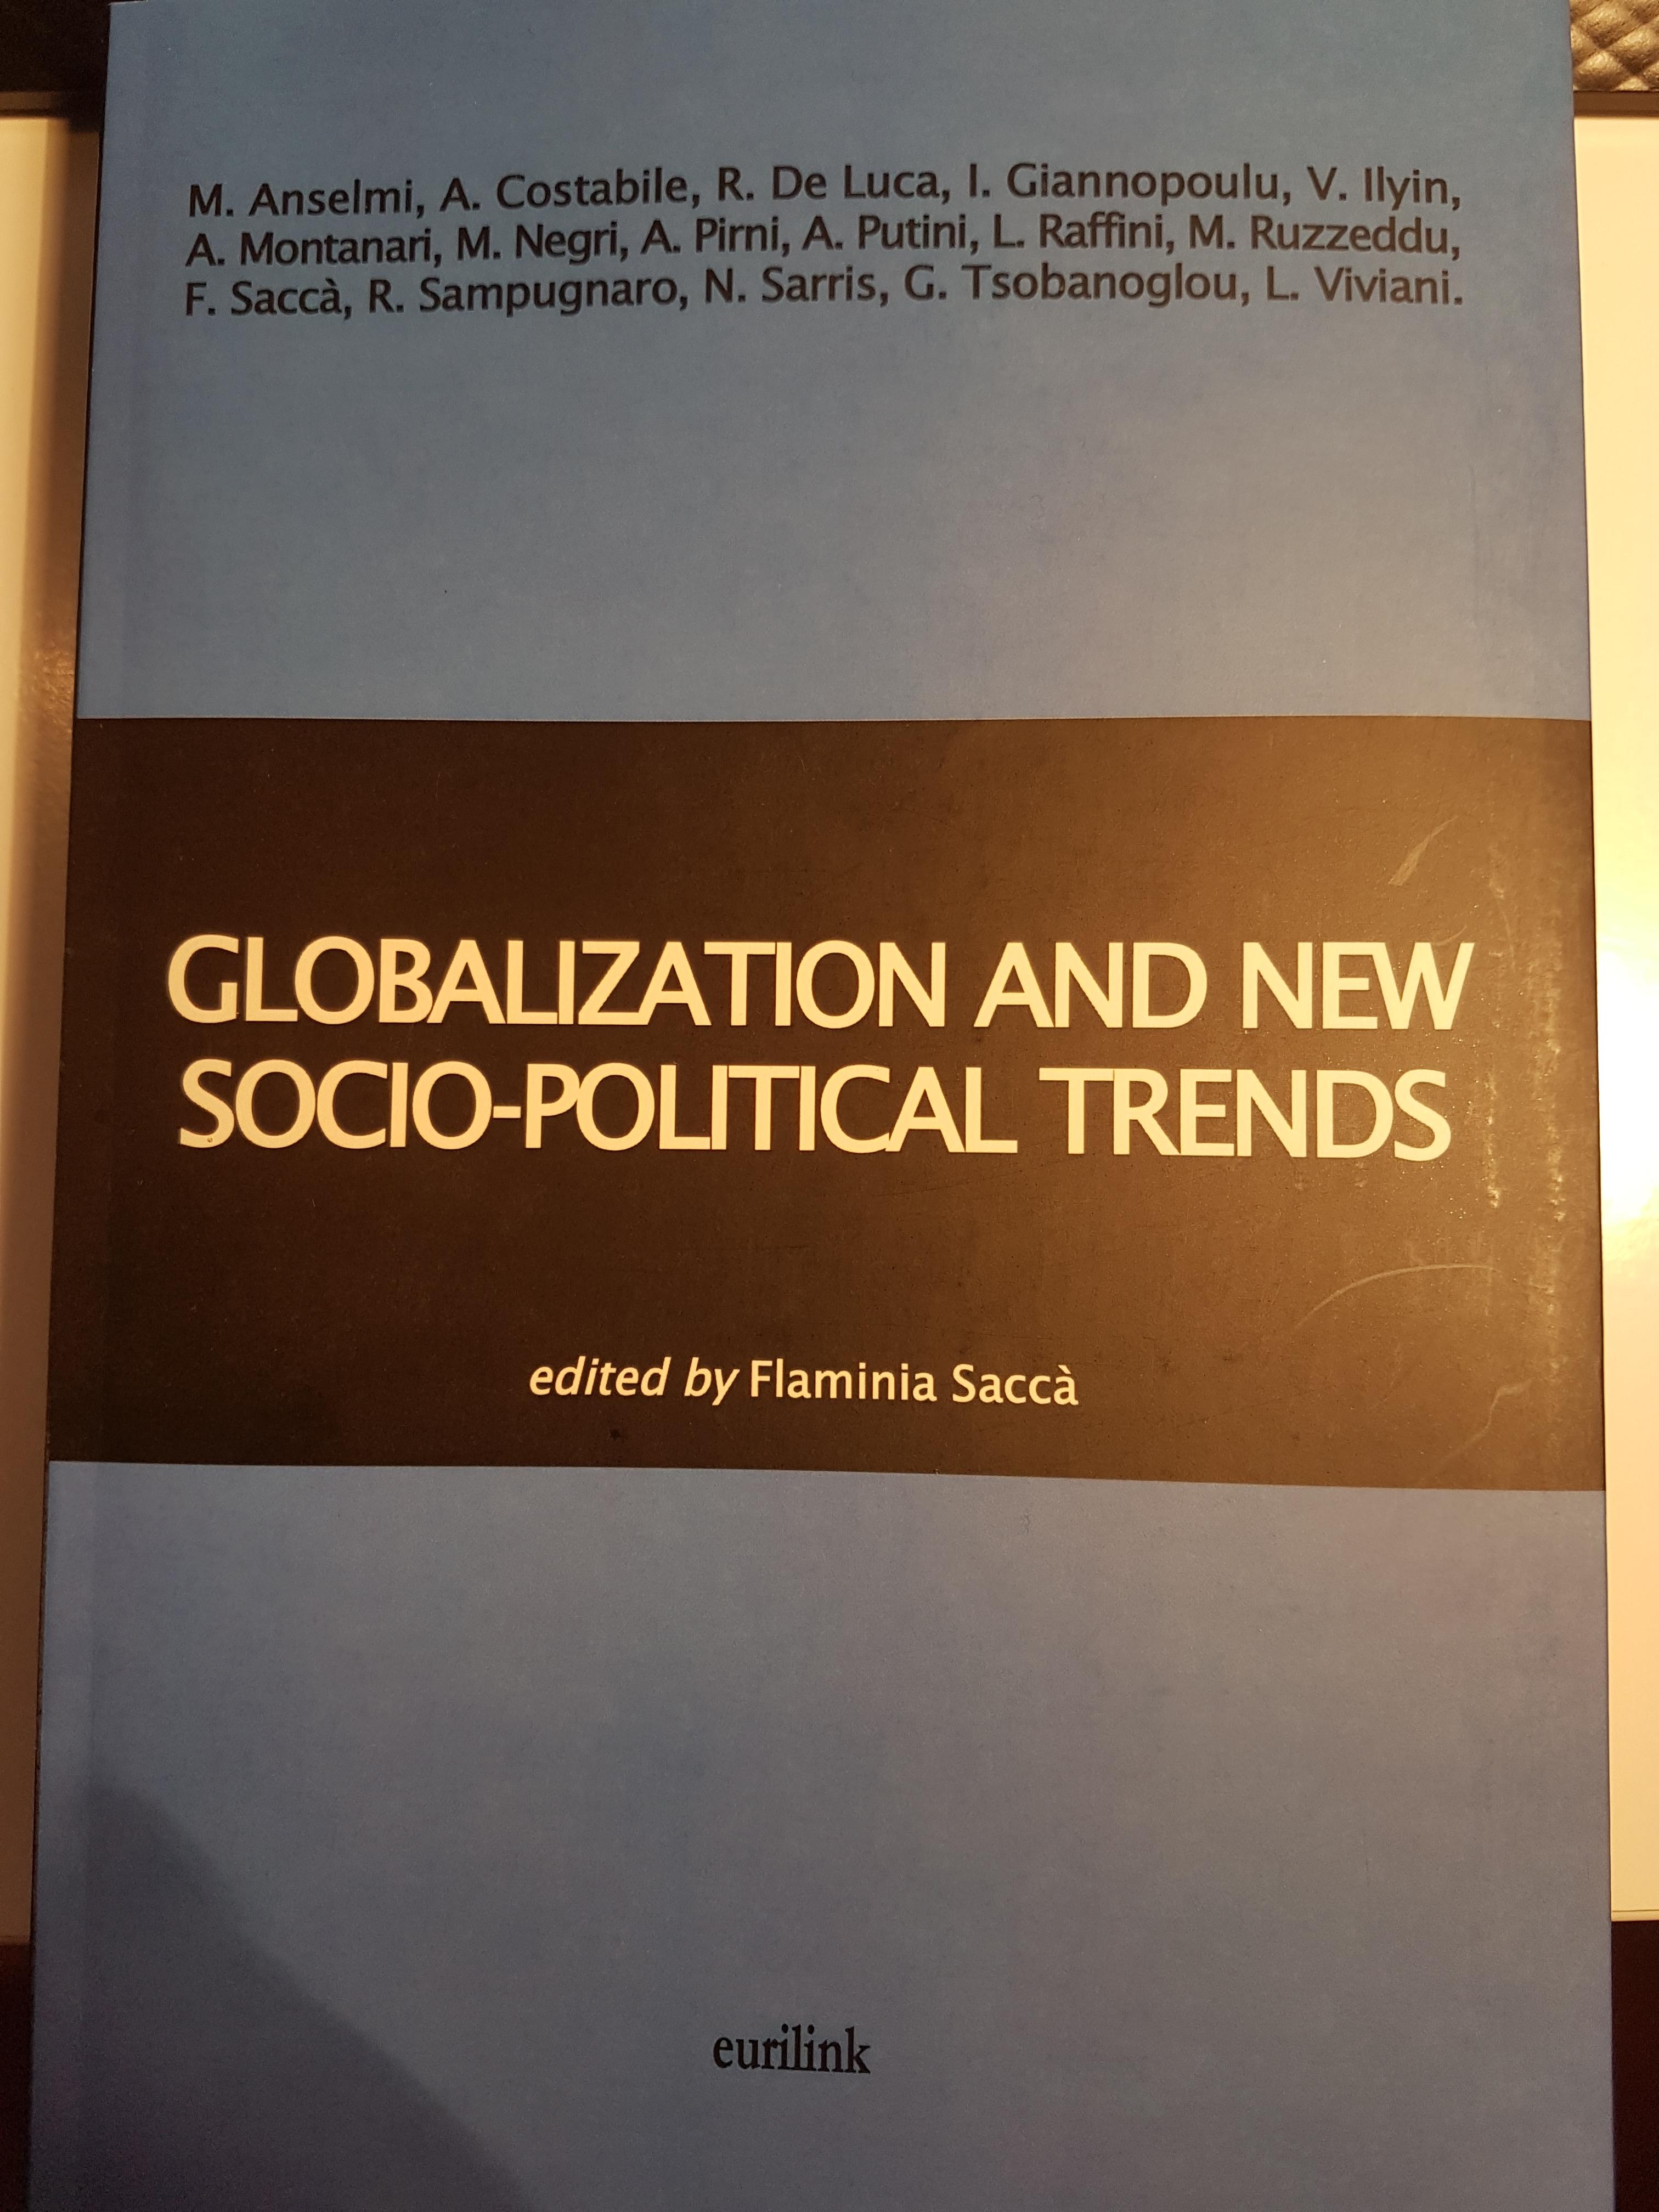 copertina-libro-globalization-and-new-socio-political-trends